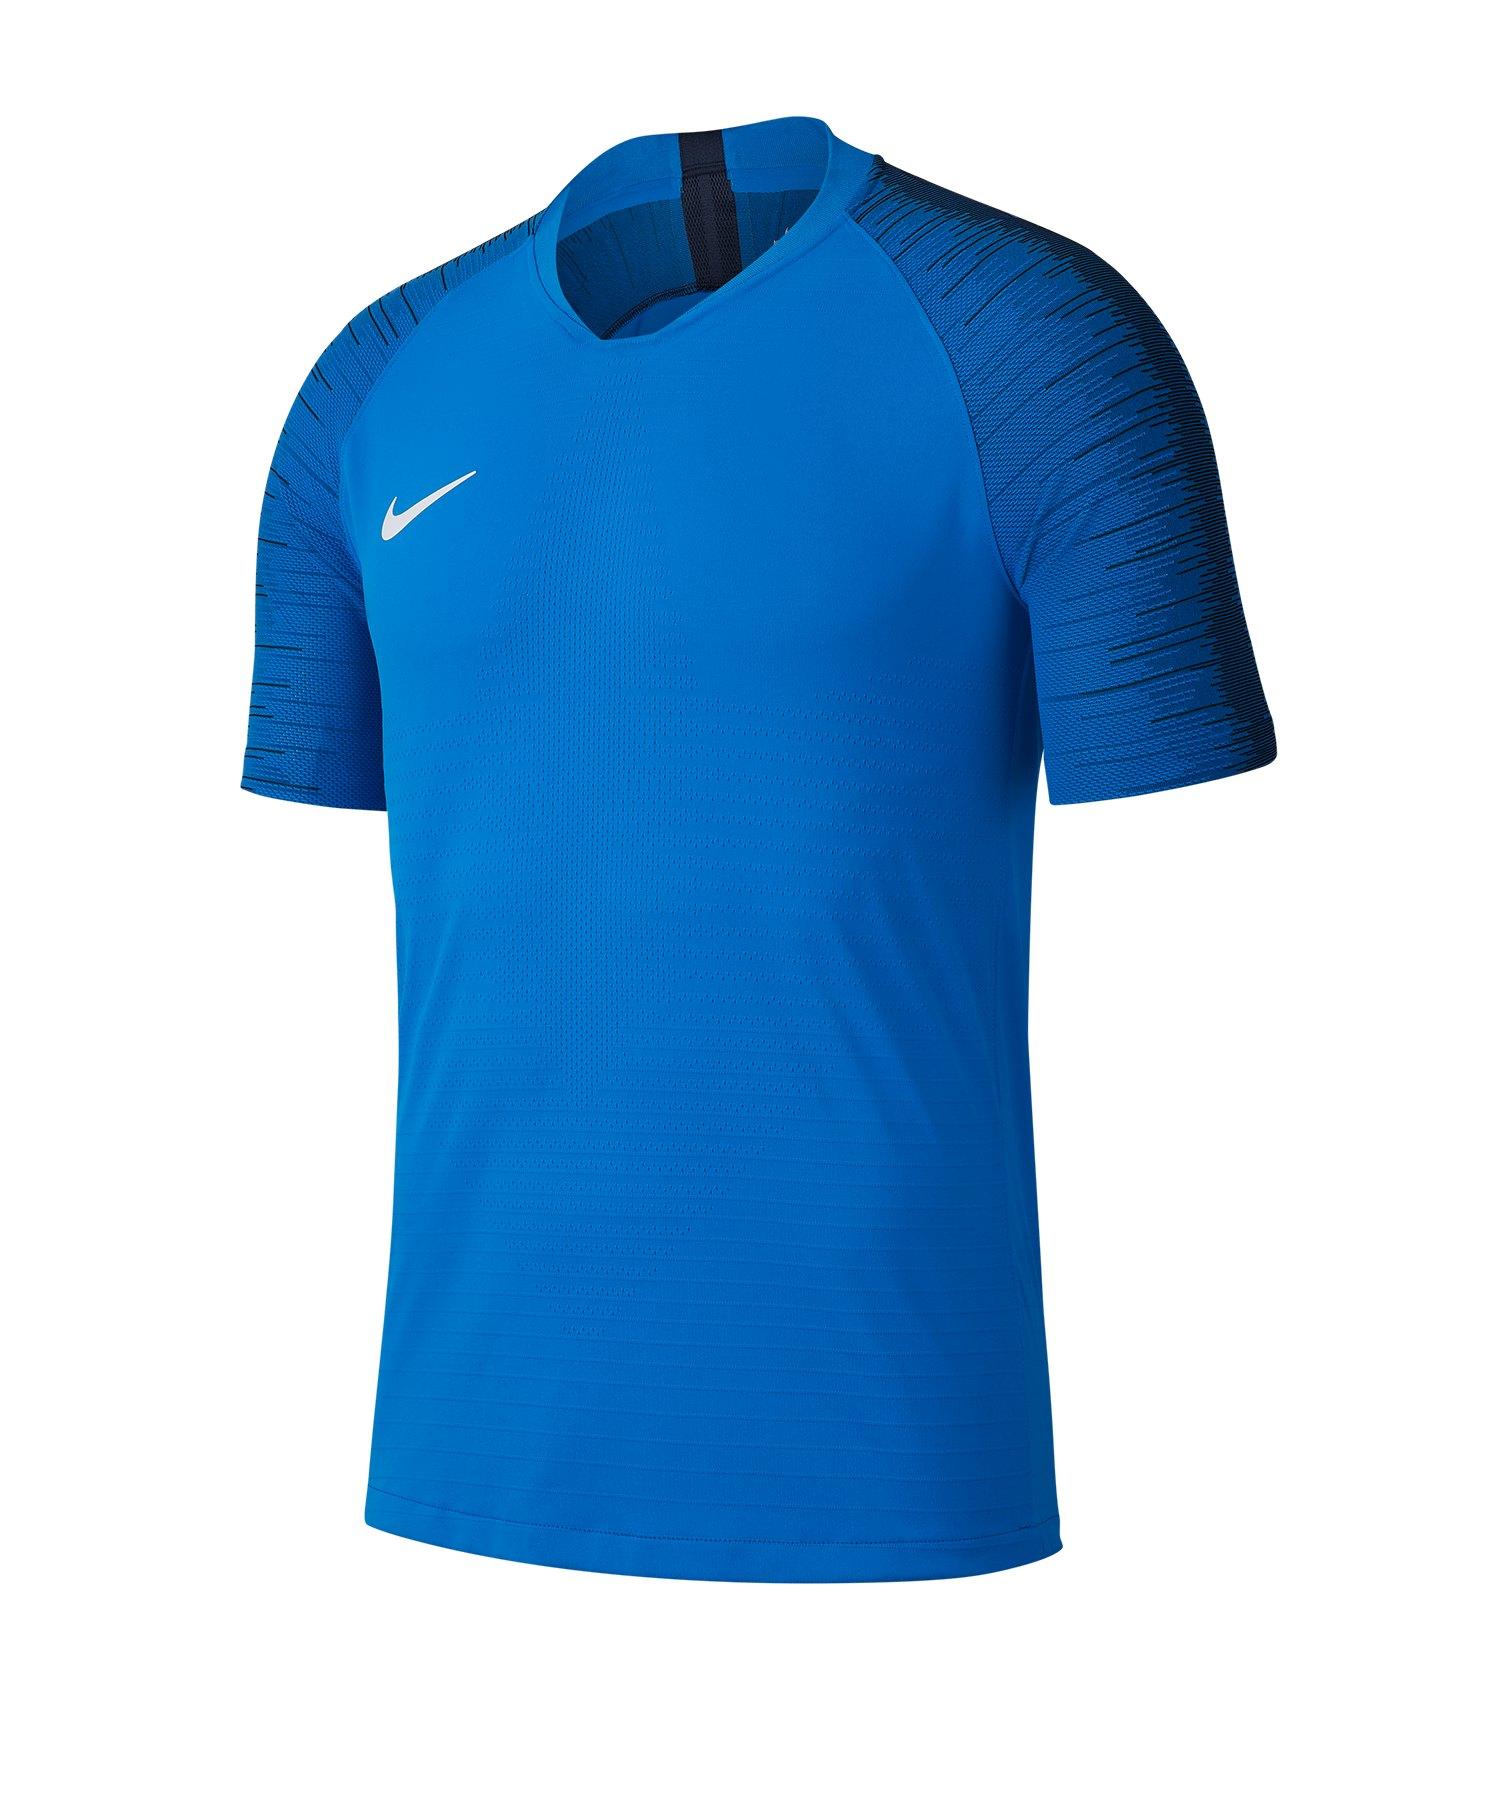 Nike Vaporknit II Trikot kurzarm Blau F463 - blau